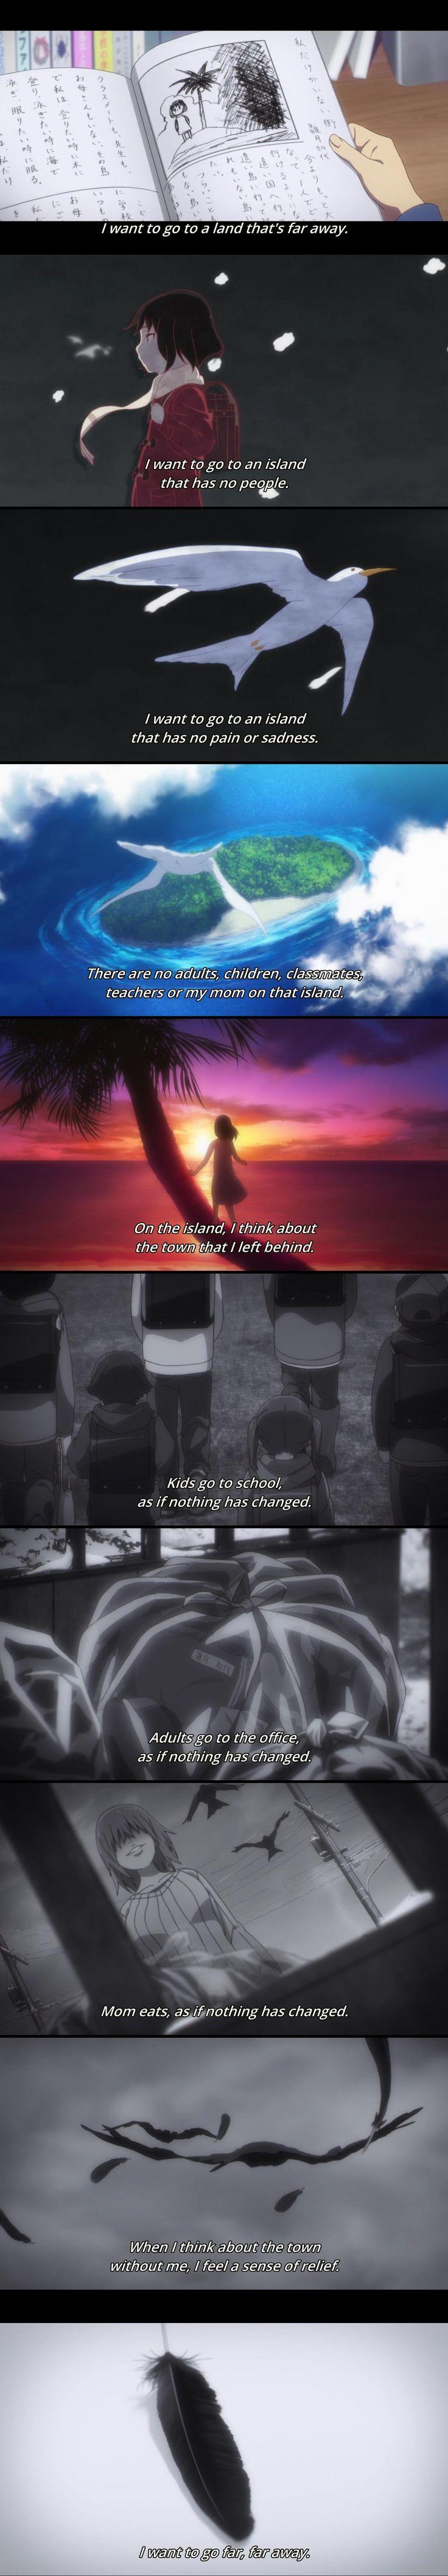 boku dake ga inai machi, erased, kayo hinazuki, text - her story is so sad :'(